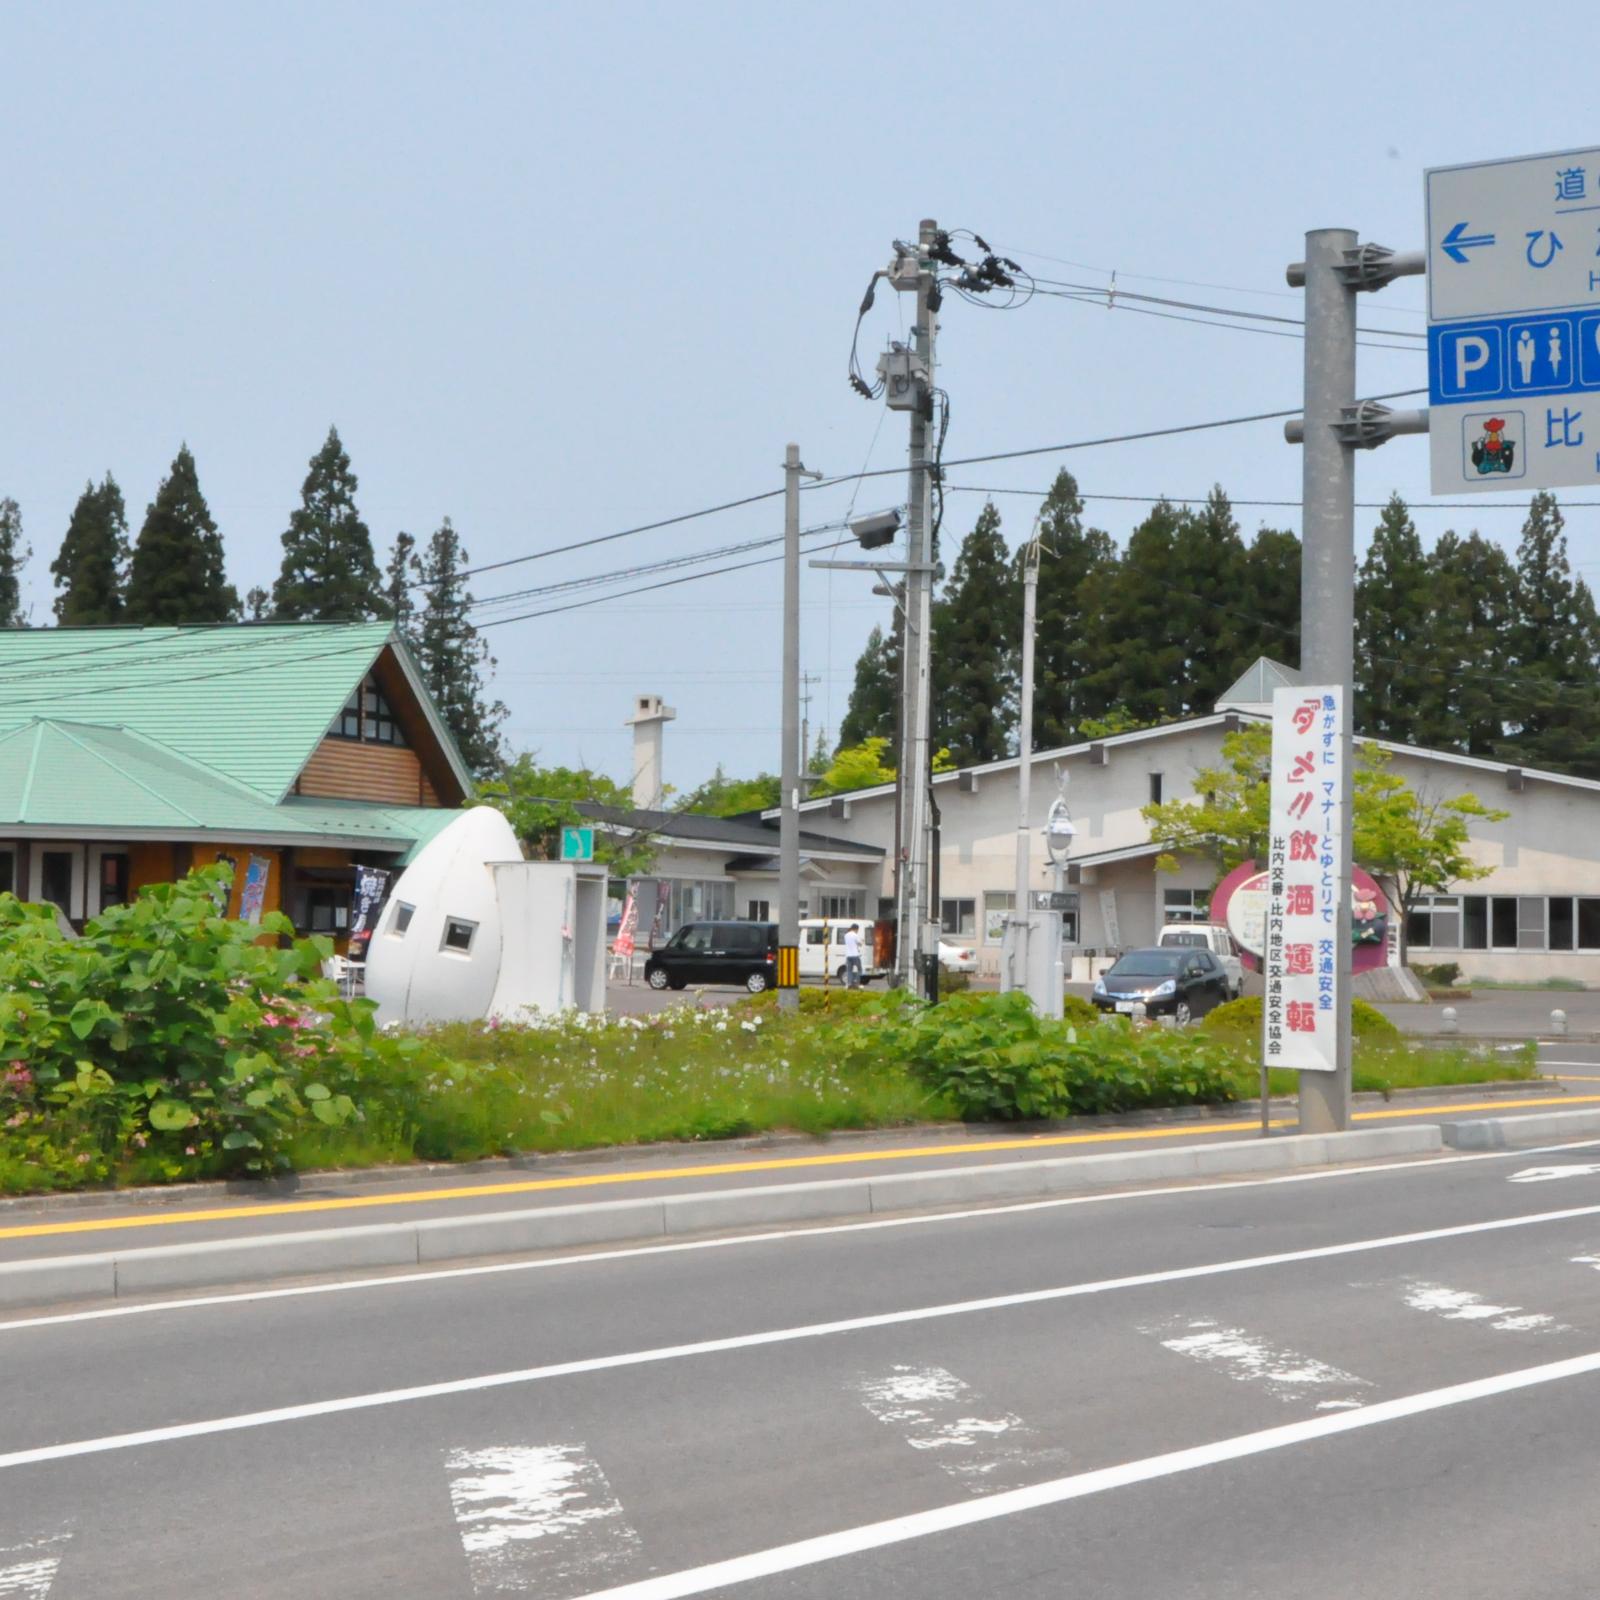 道の駅 ひないの食材を見る 道の駅の食材も産地直送通販OWLで